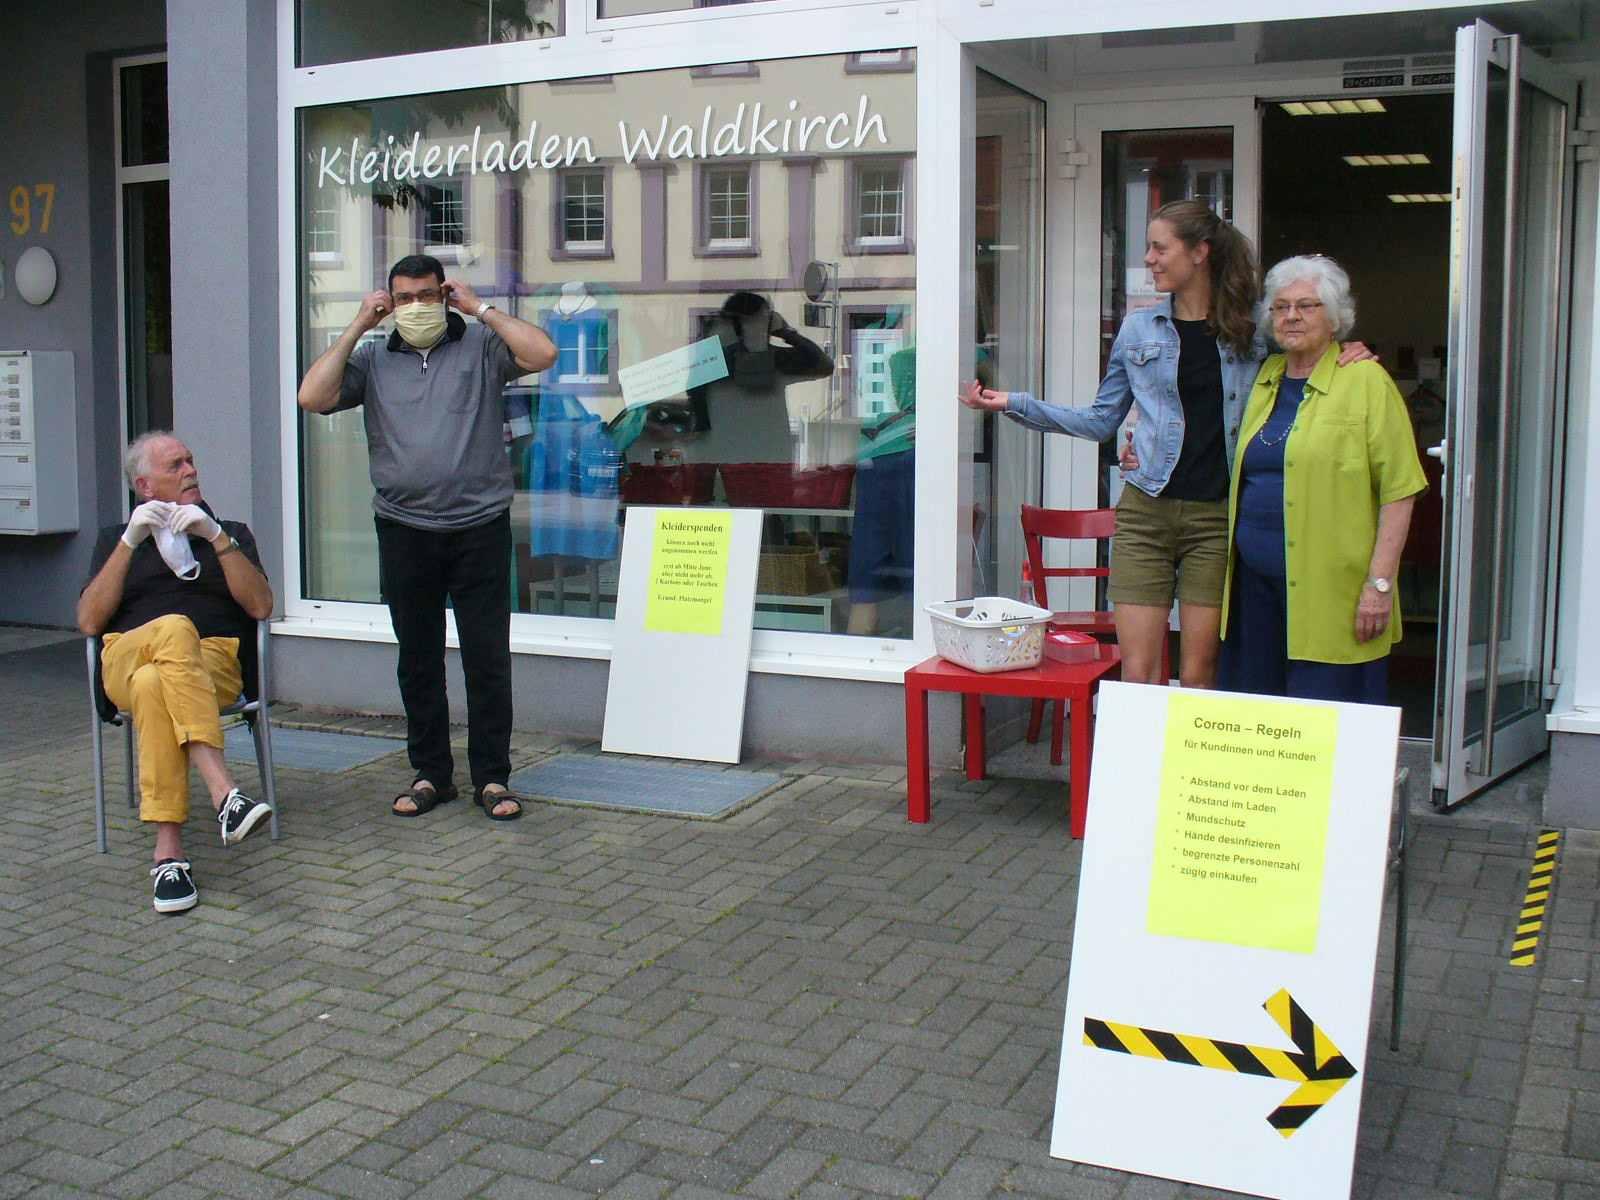 Vor dem Laden befinden sich vier Personen, die teilweise Mund-Nasen-Schutz-Masken tragen. Zudem sind Hinweisschilder zu den Corona- und Kleiderspendenregeln aufgestellt und es befinden sich Markierungen auf einem Schild und dem Boden.